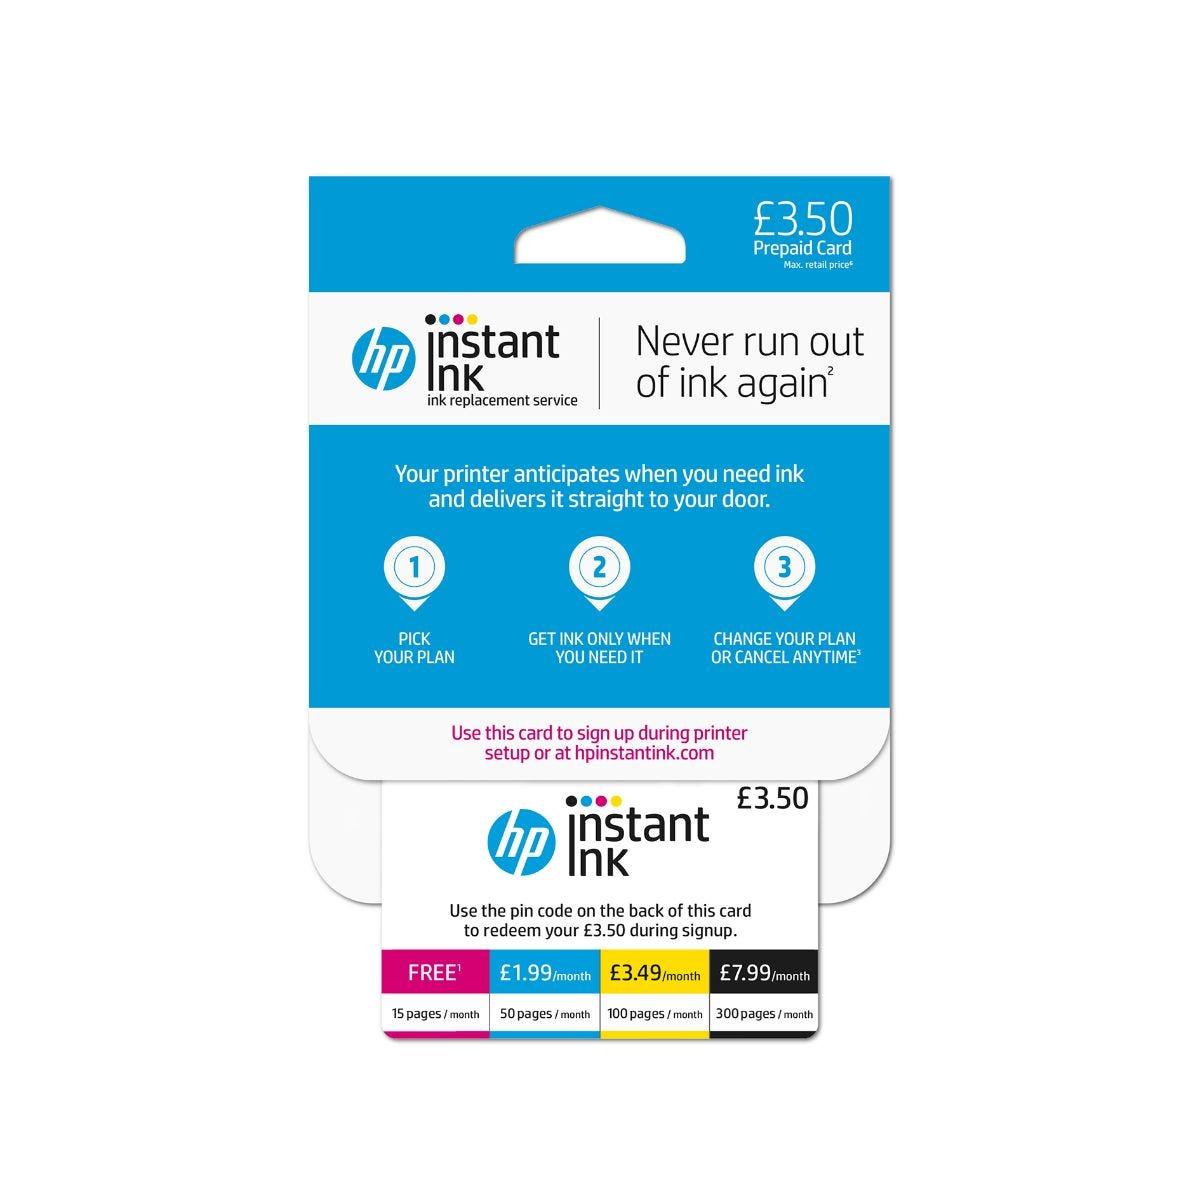 Image of HP Instant Ink Enrolment Card